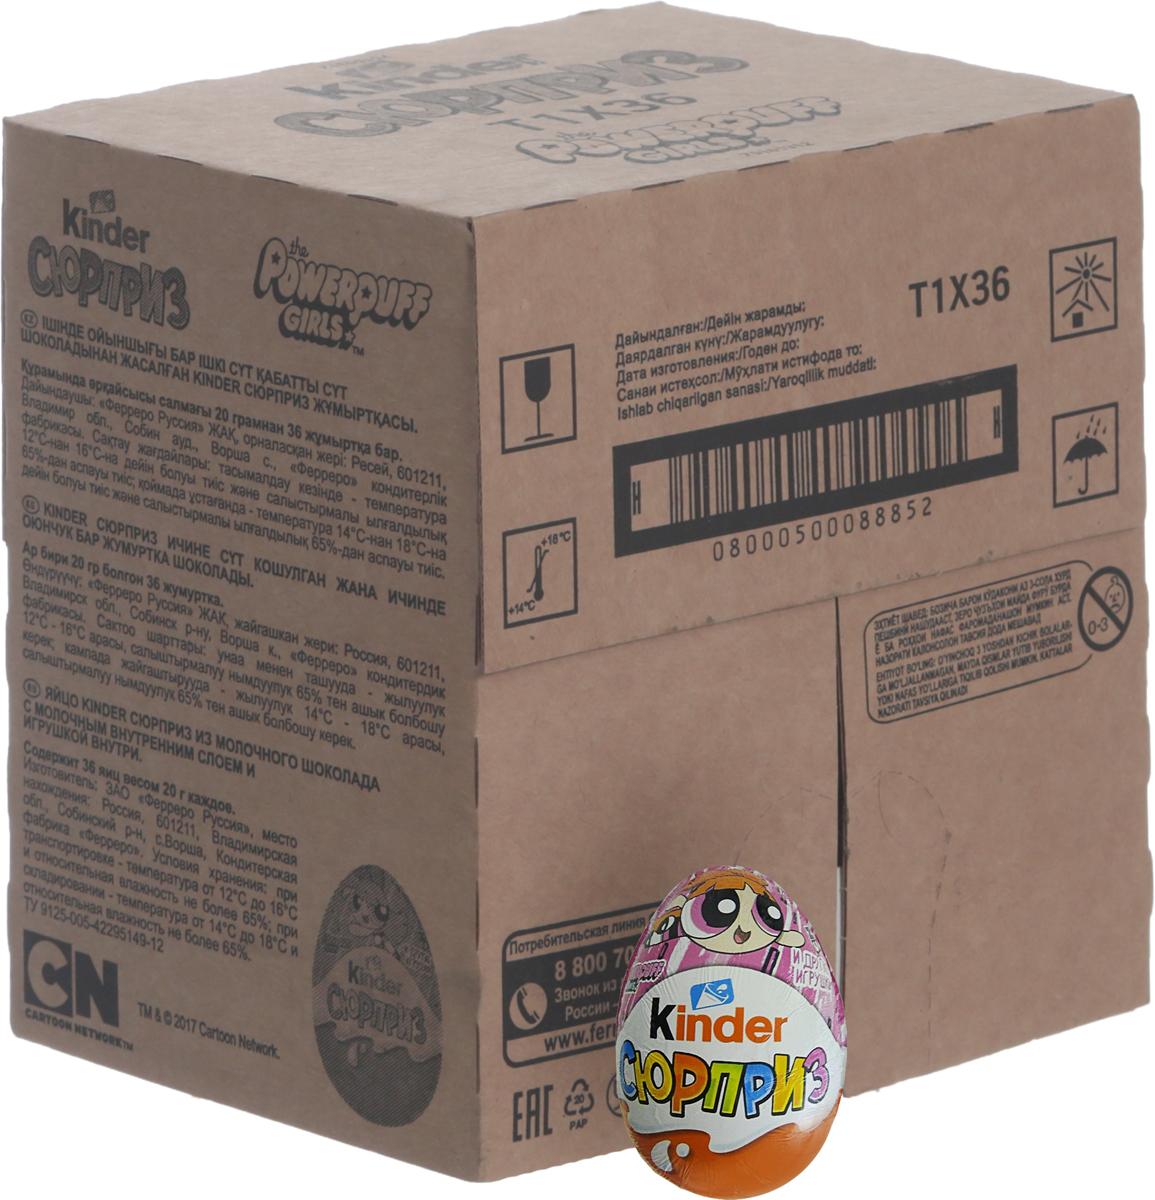 Kinder Сюрприз Powerpff Girls яйцо из молочного шоколада c молочным внутренним слоем и игрушкой внутри, 36 шт по 20 г деткино шоколадные фигурки из молочного шоколада 135 г